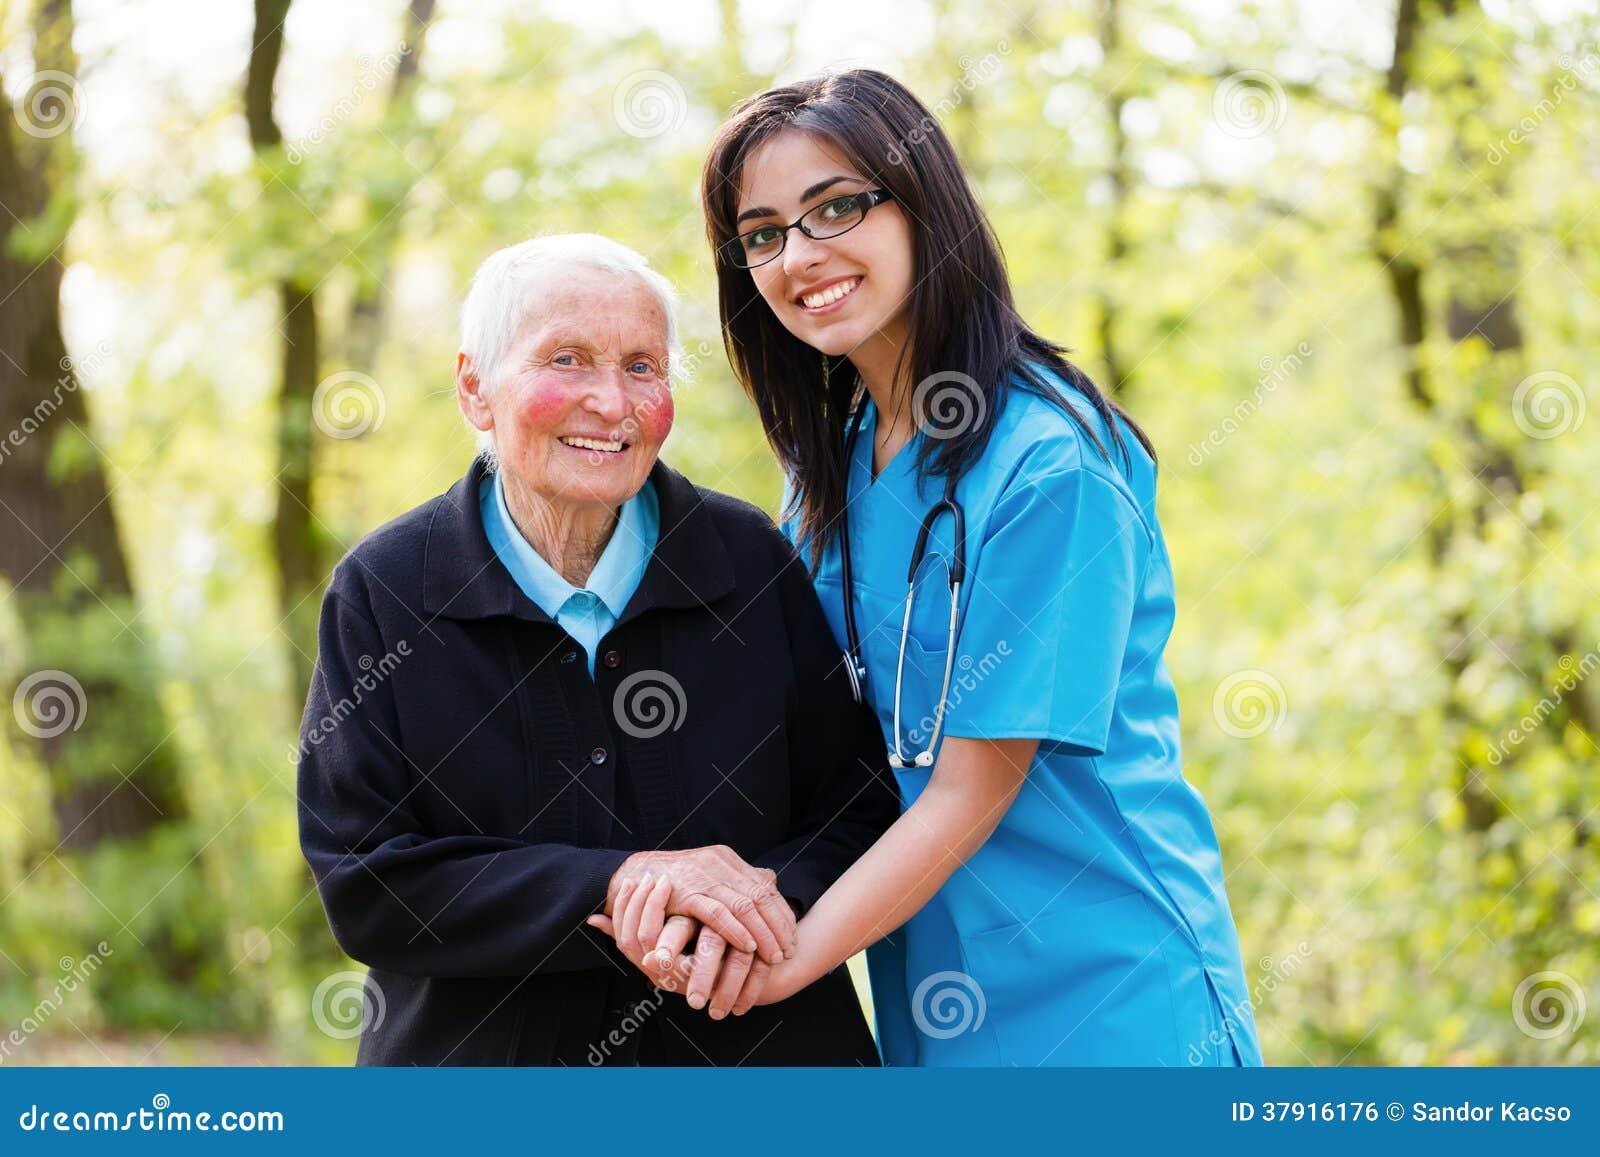 Kind Senior Lady with Nurse